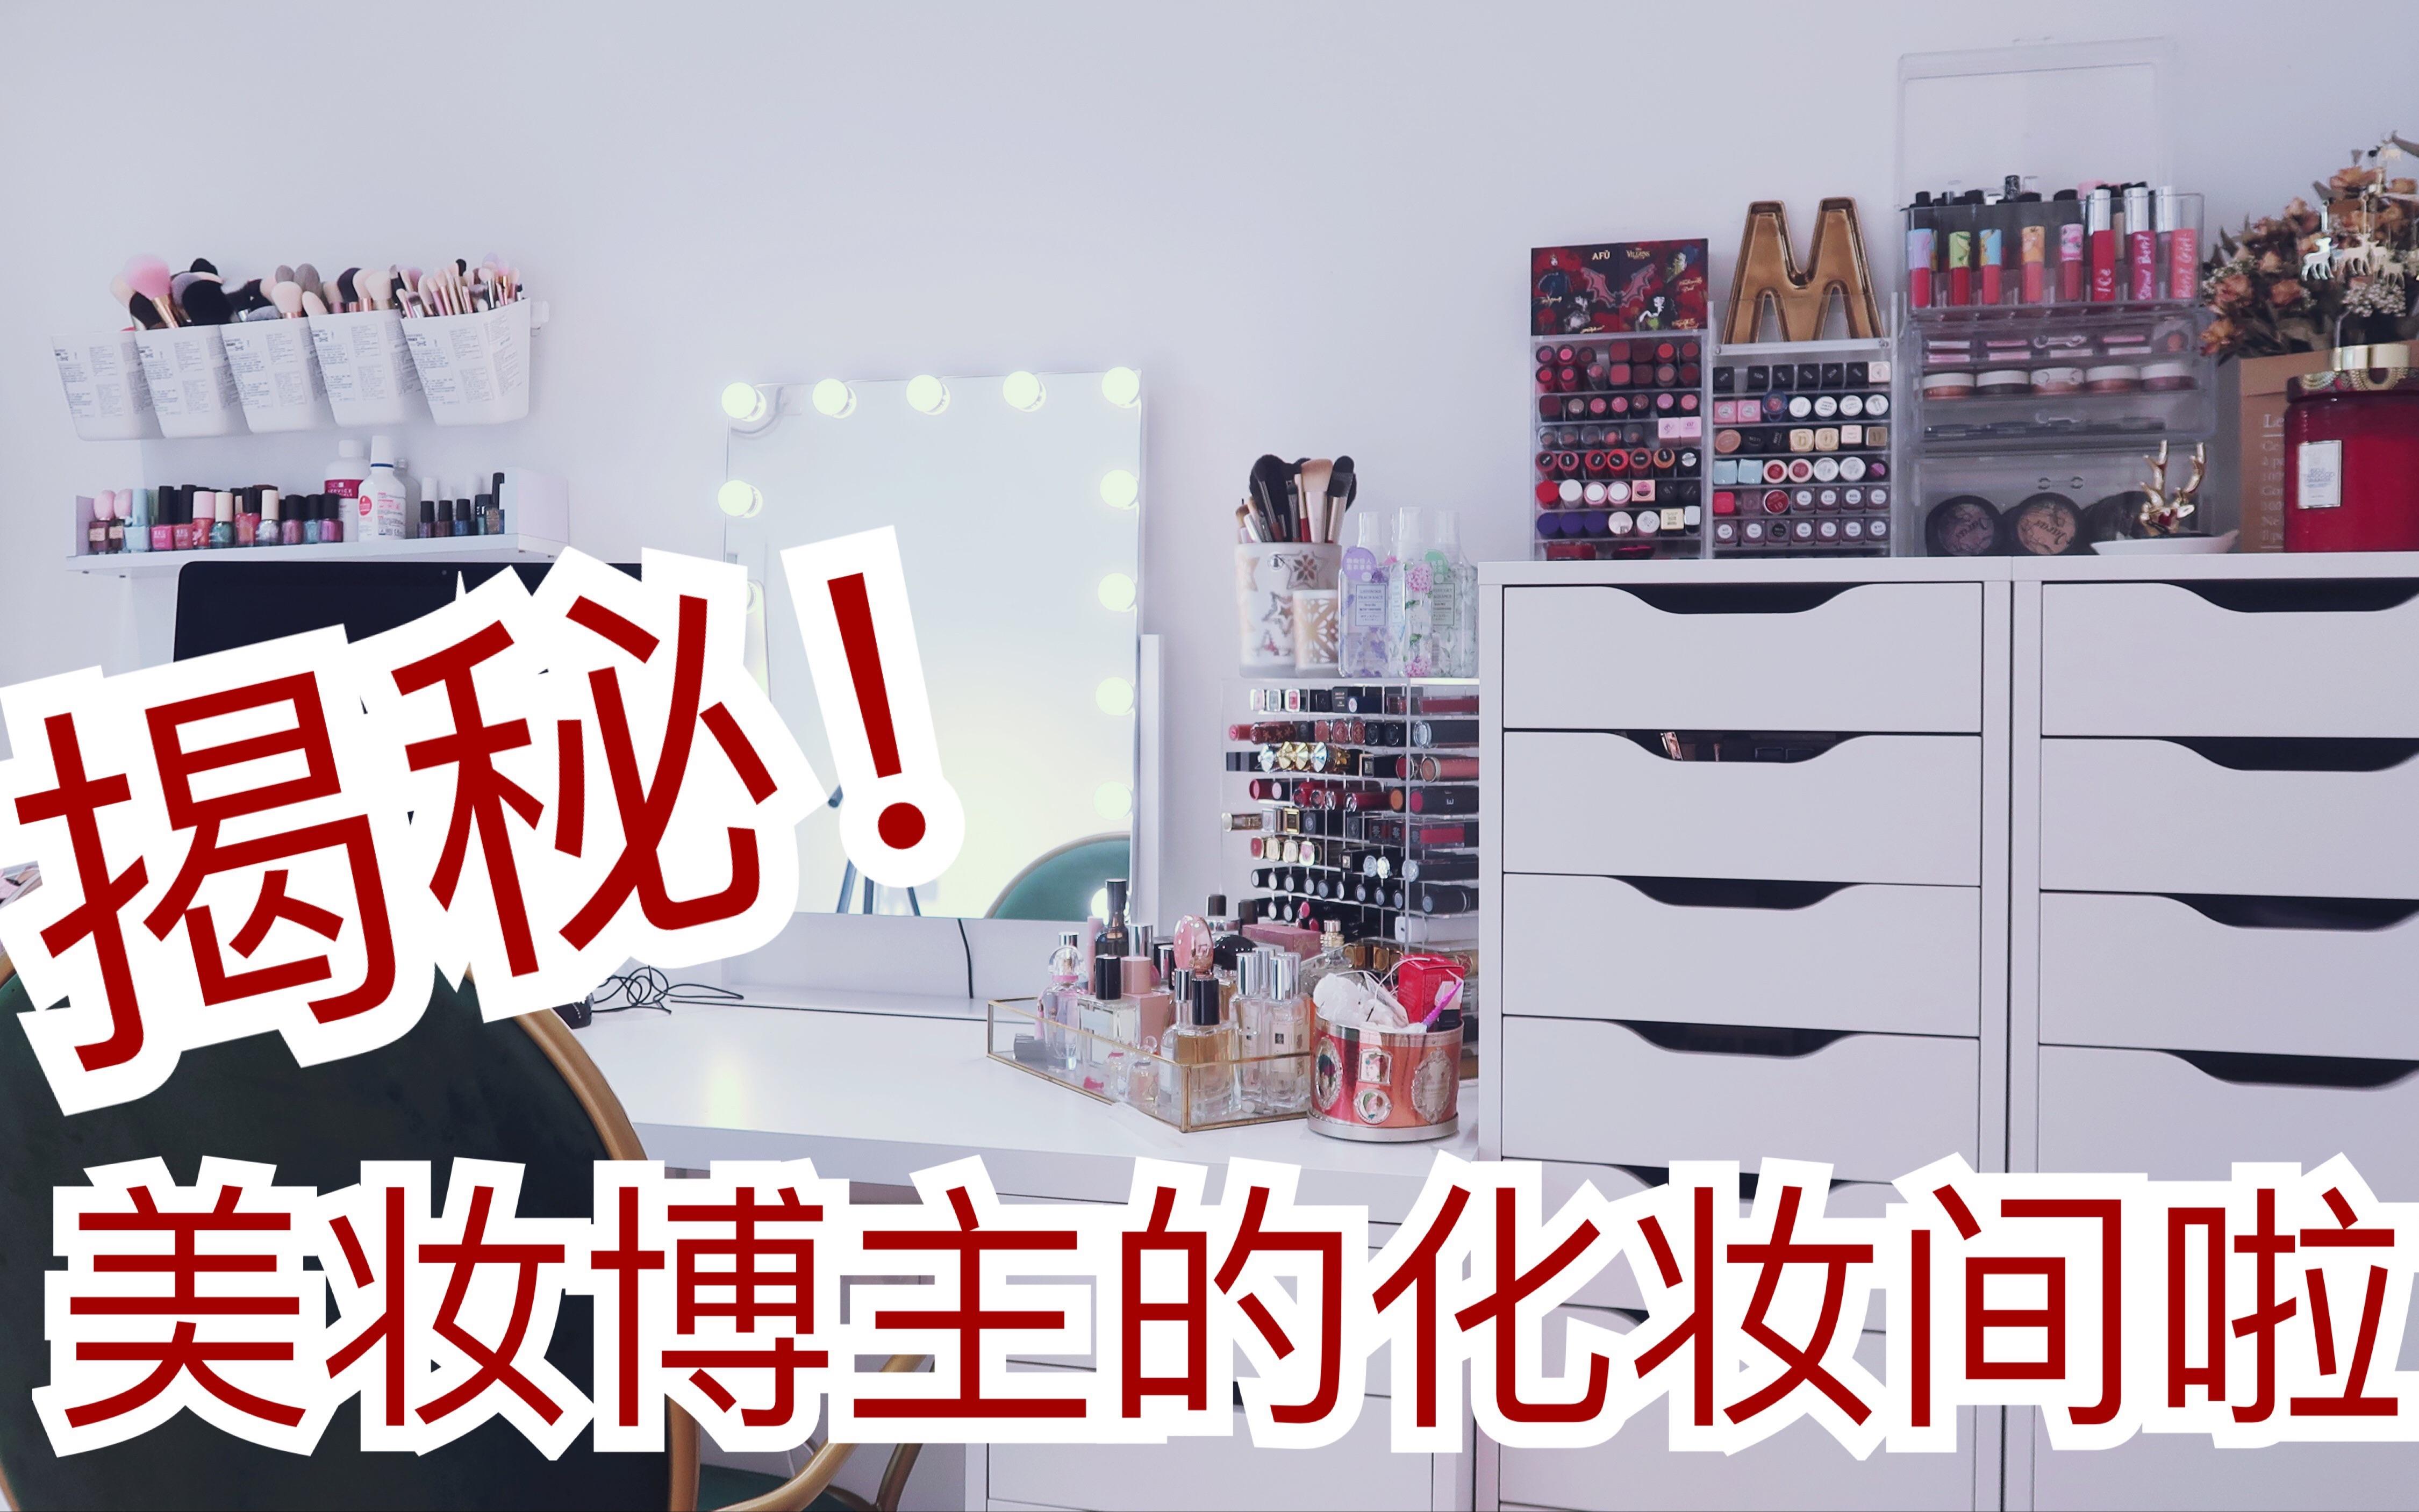 【杏仁眼Miu】可能是9亿少女的梦想吧!美妆博主化妆间大揭秘/实用又便宜的收纳小技巧+提升幸福感小物一并公开啦